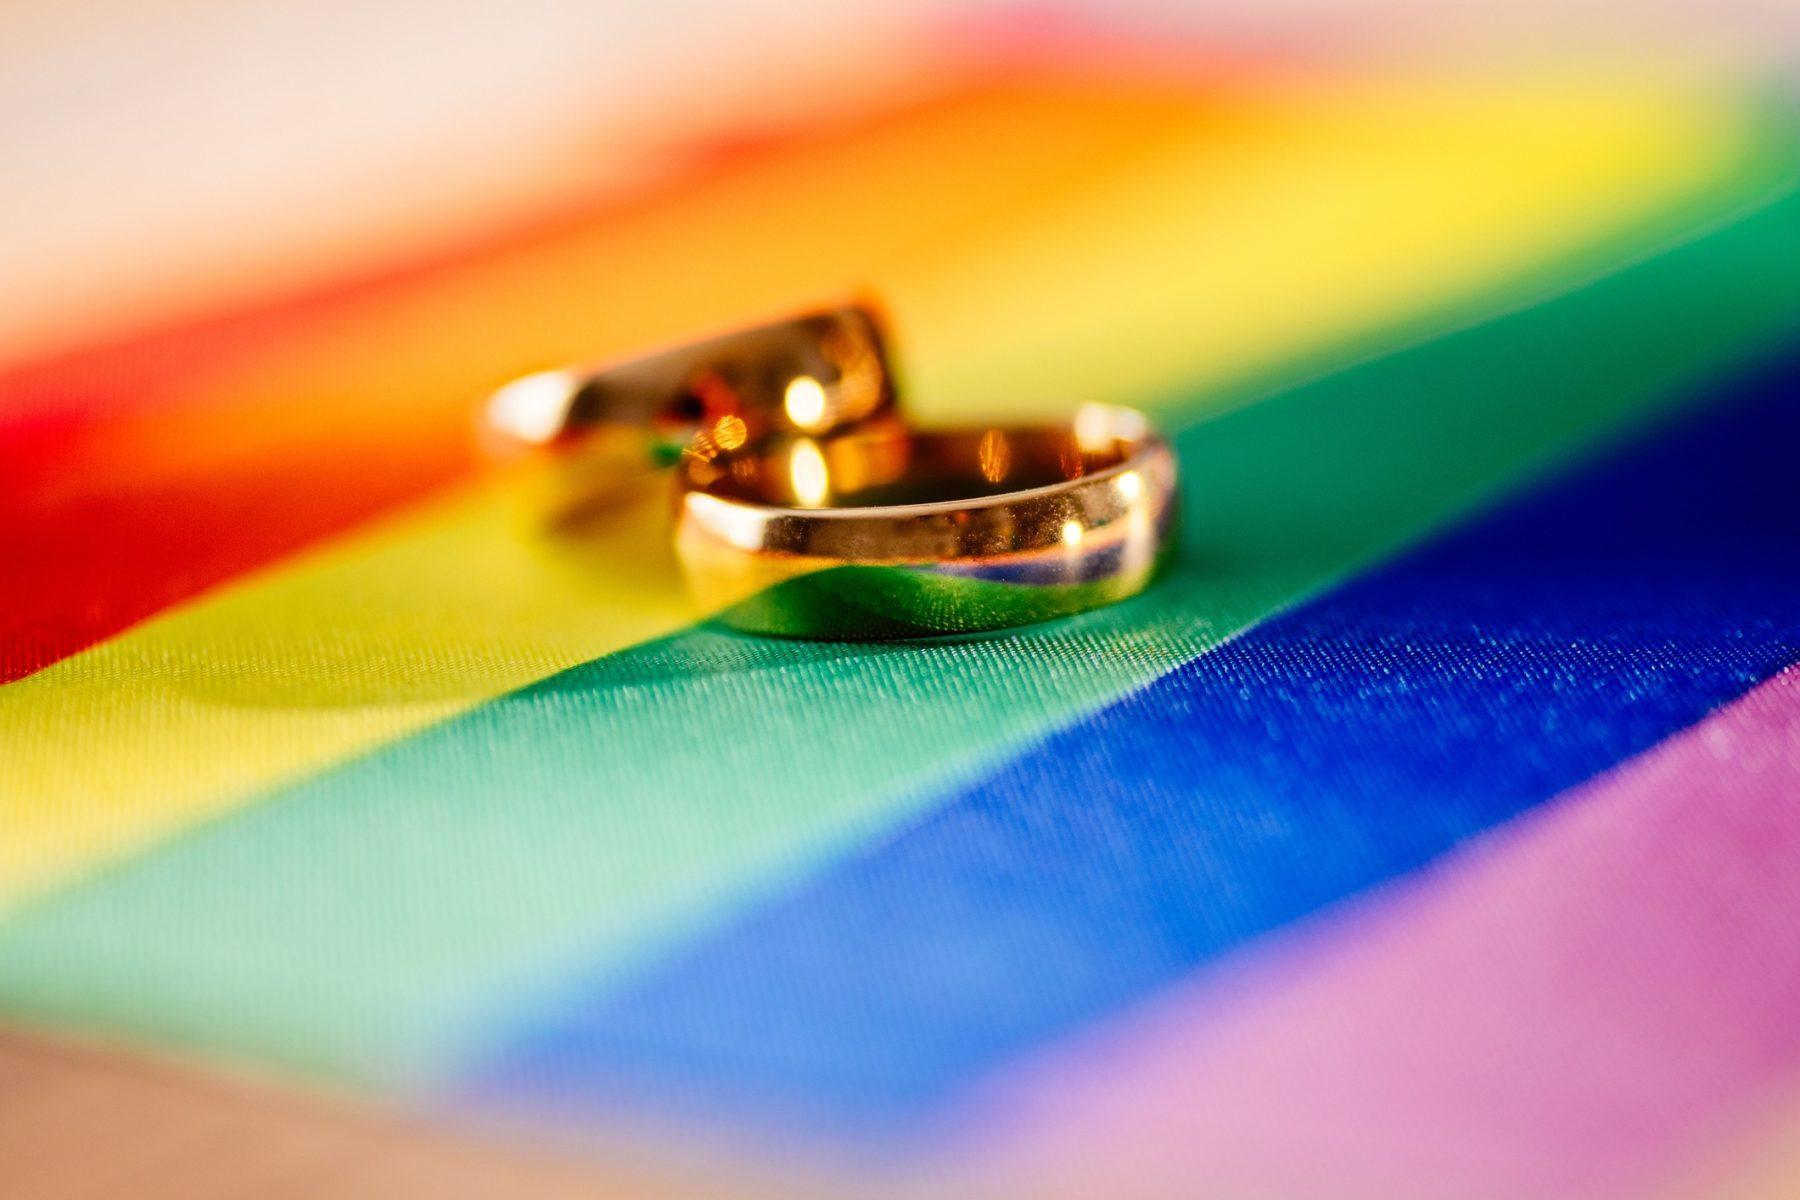 Photo symbole : deux alliances en or posées sur un drapeau arc-en-ciel